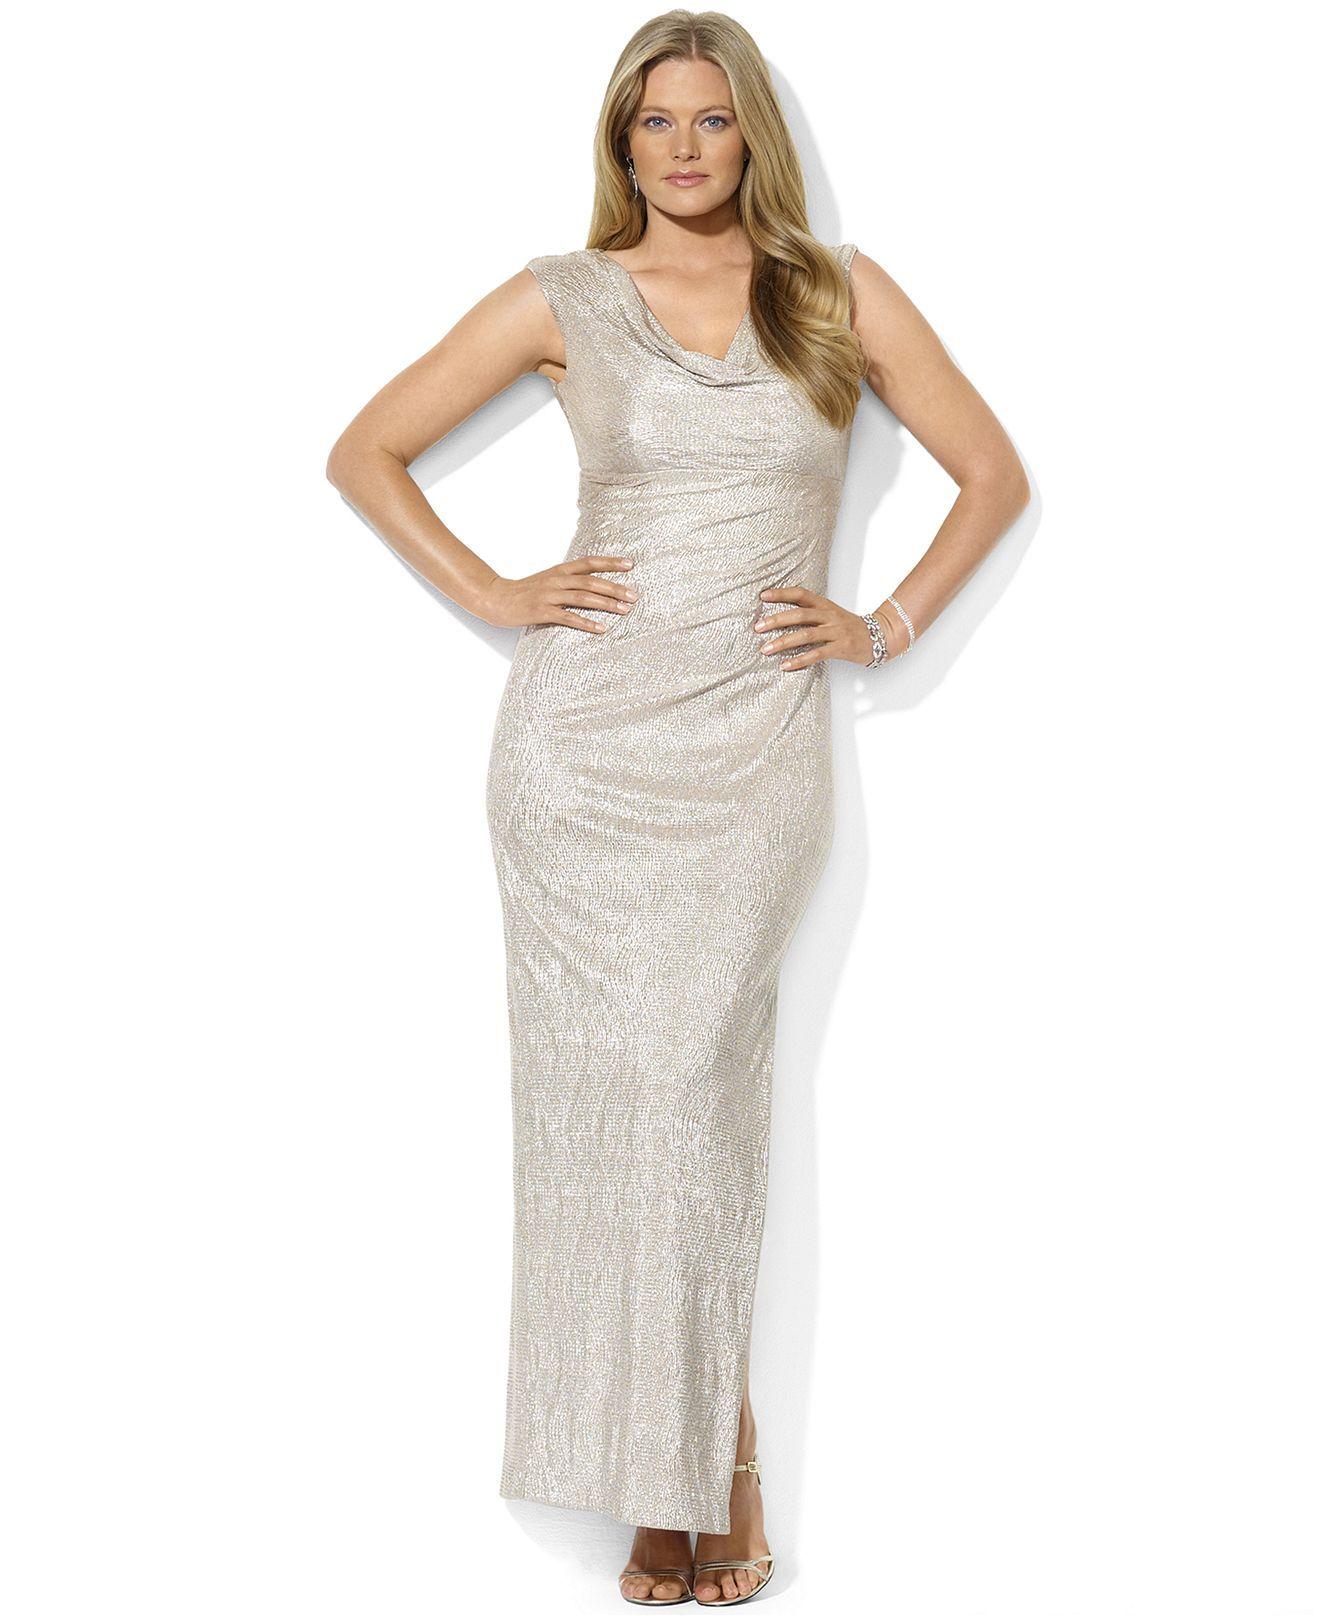 Metallic wedding dress  Lauren Ralph Lauren Dress CapSleeve Metallic CowlNeck Gown